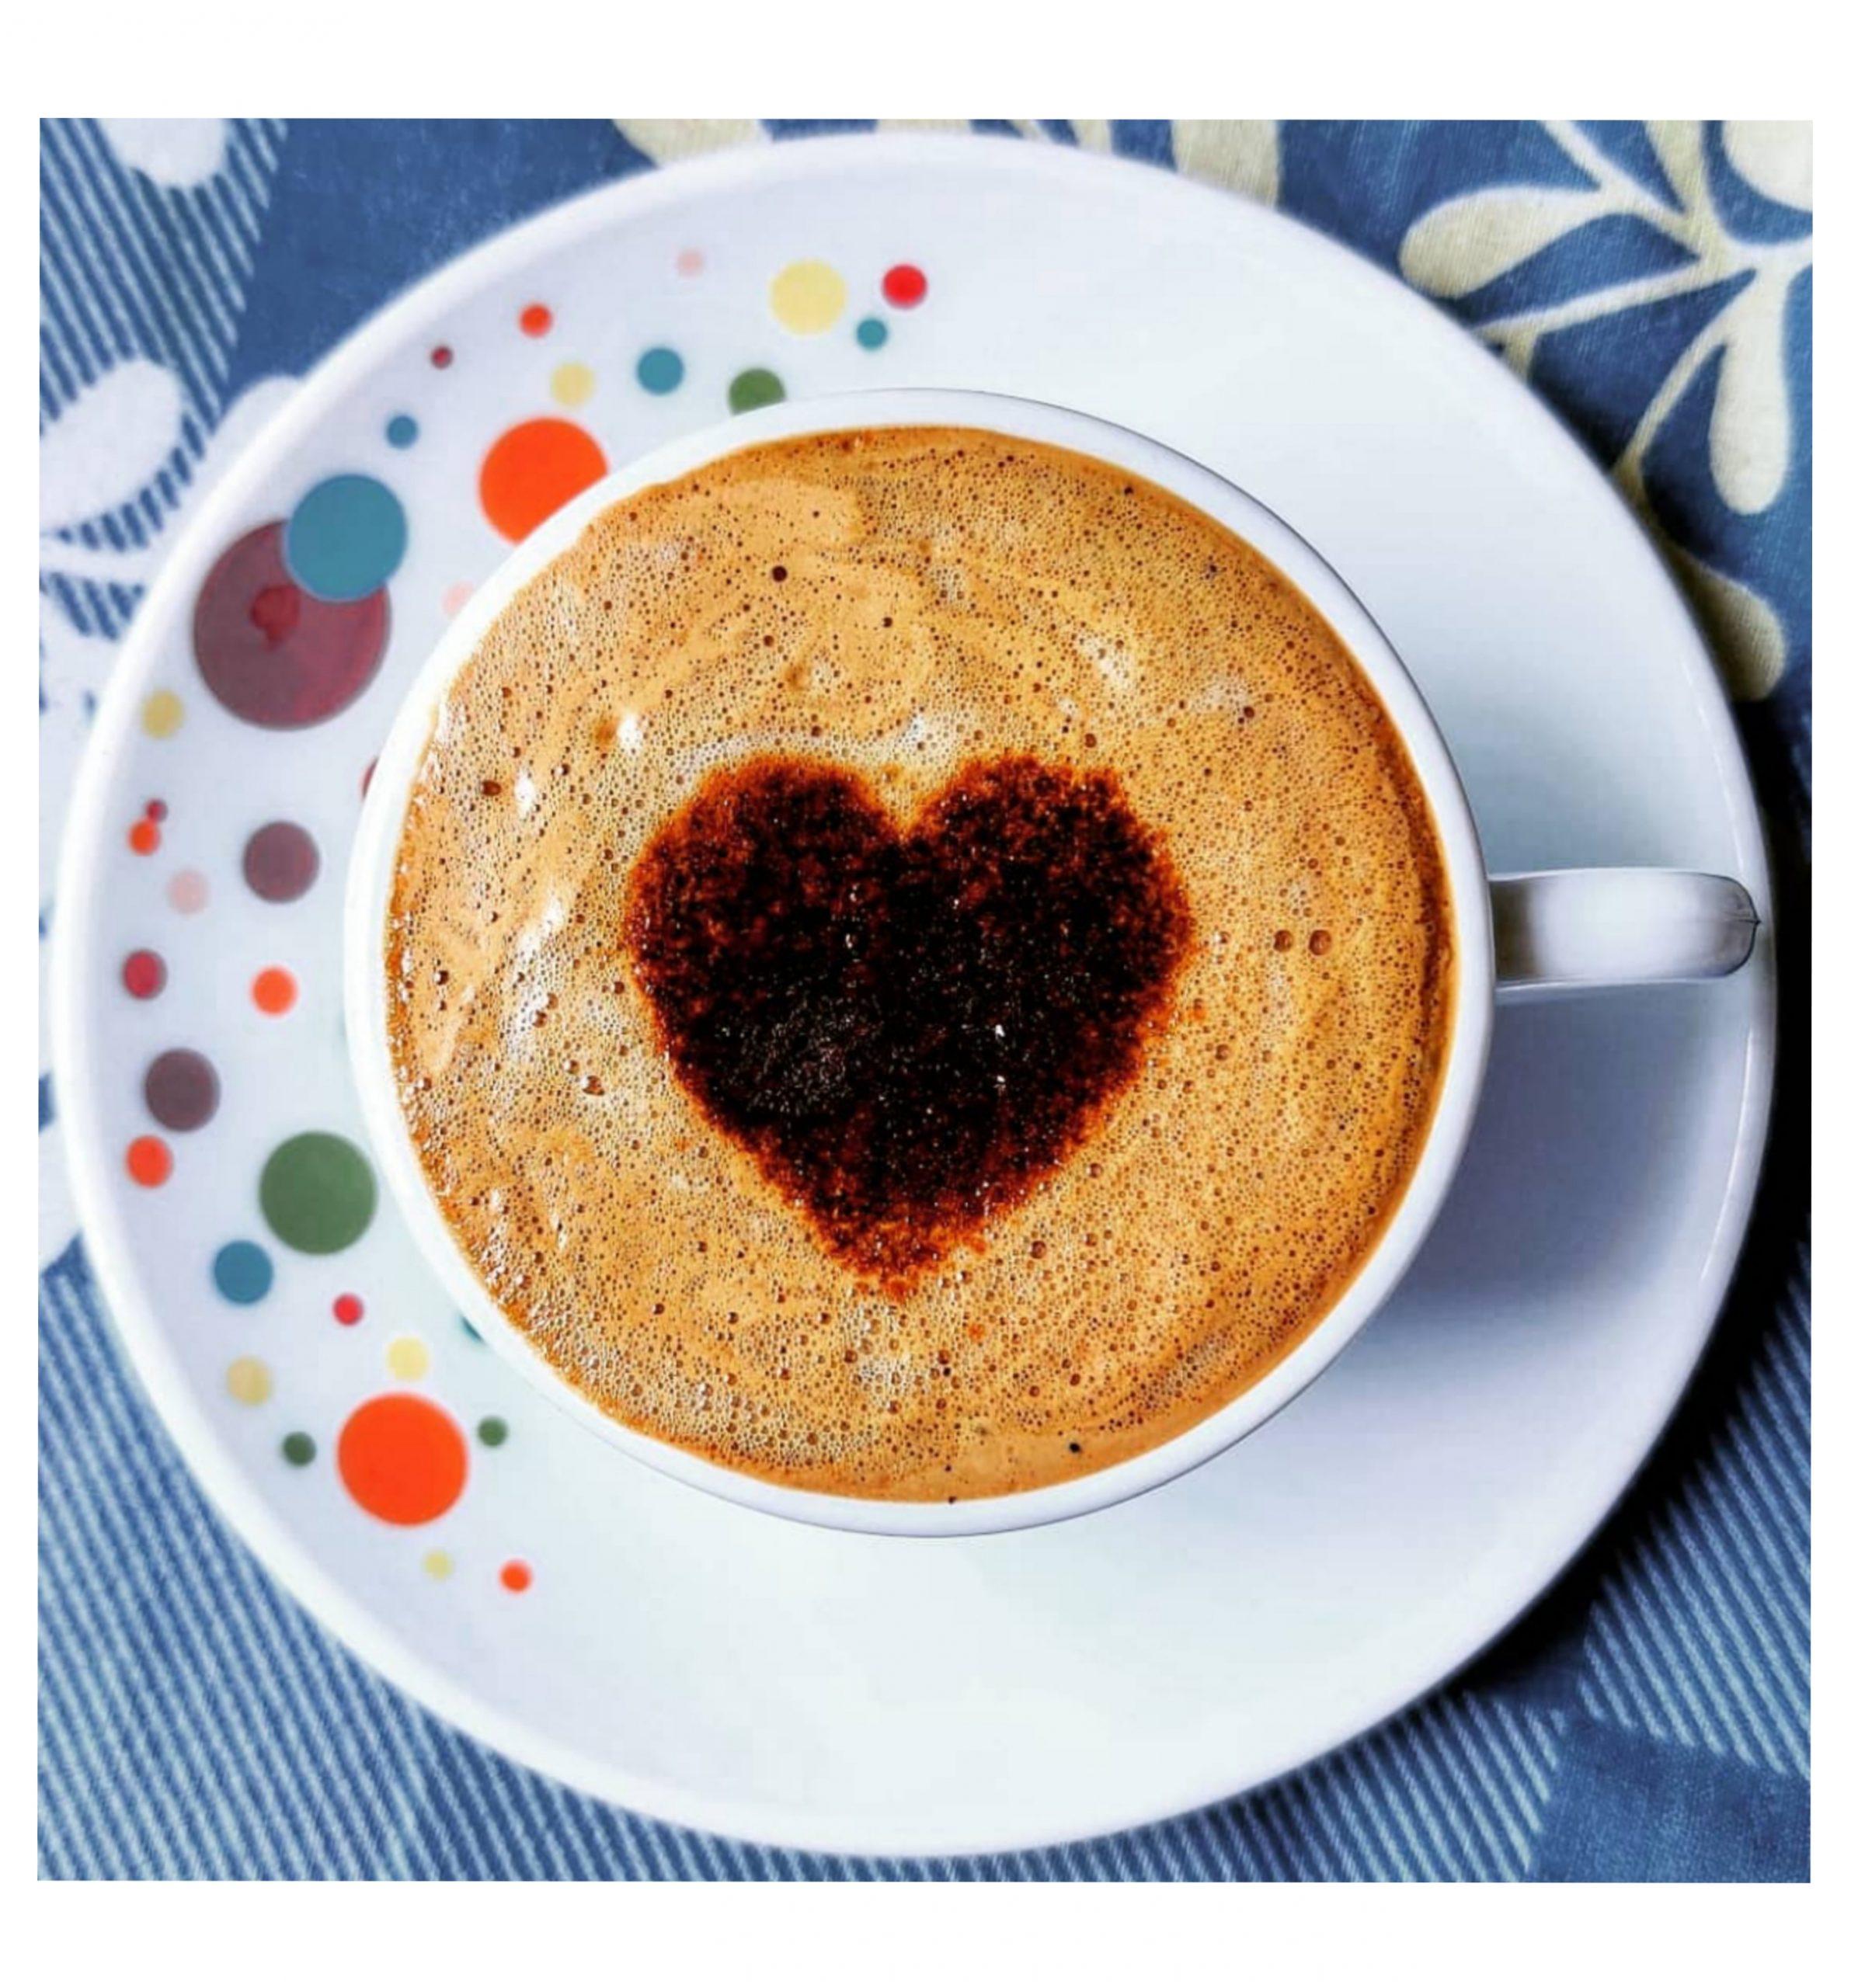 heart shaped latte art in coffee